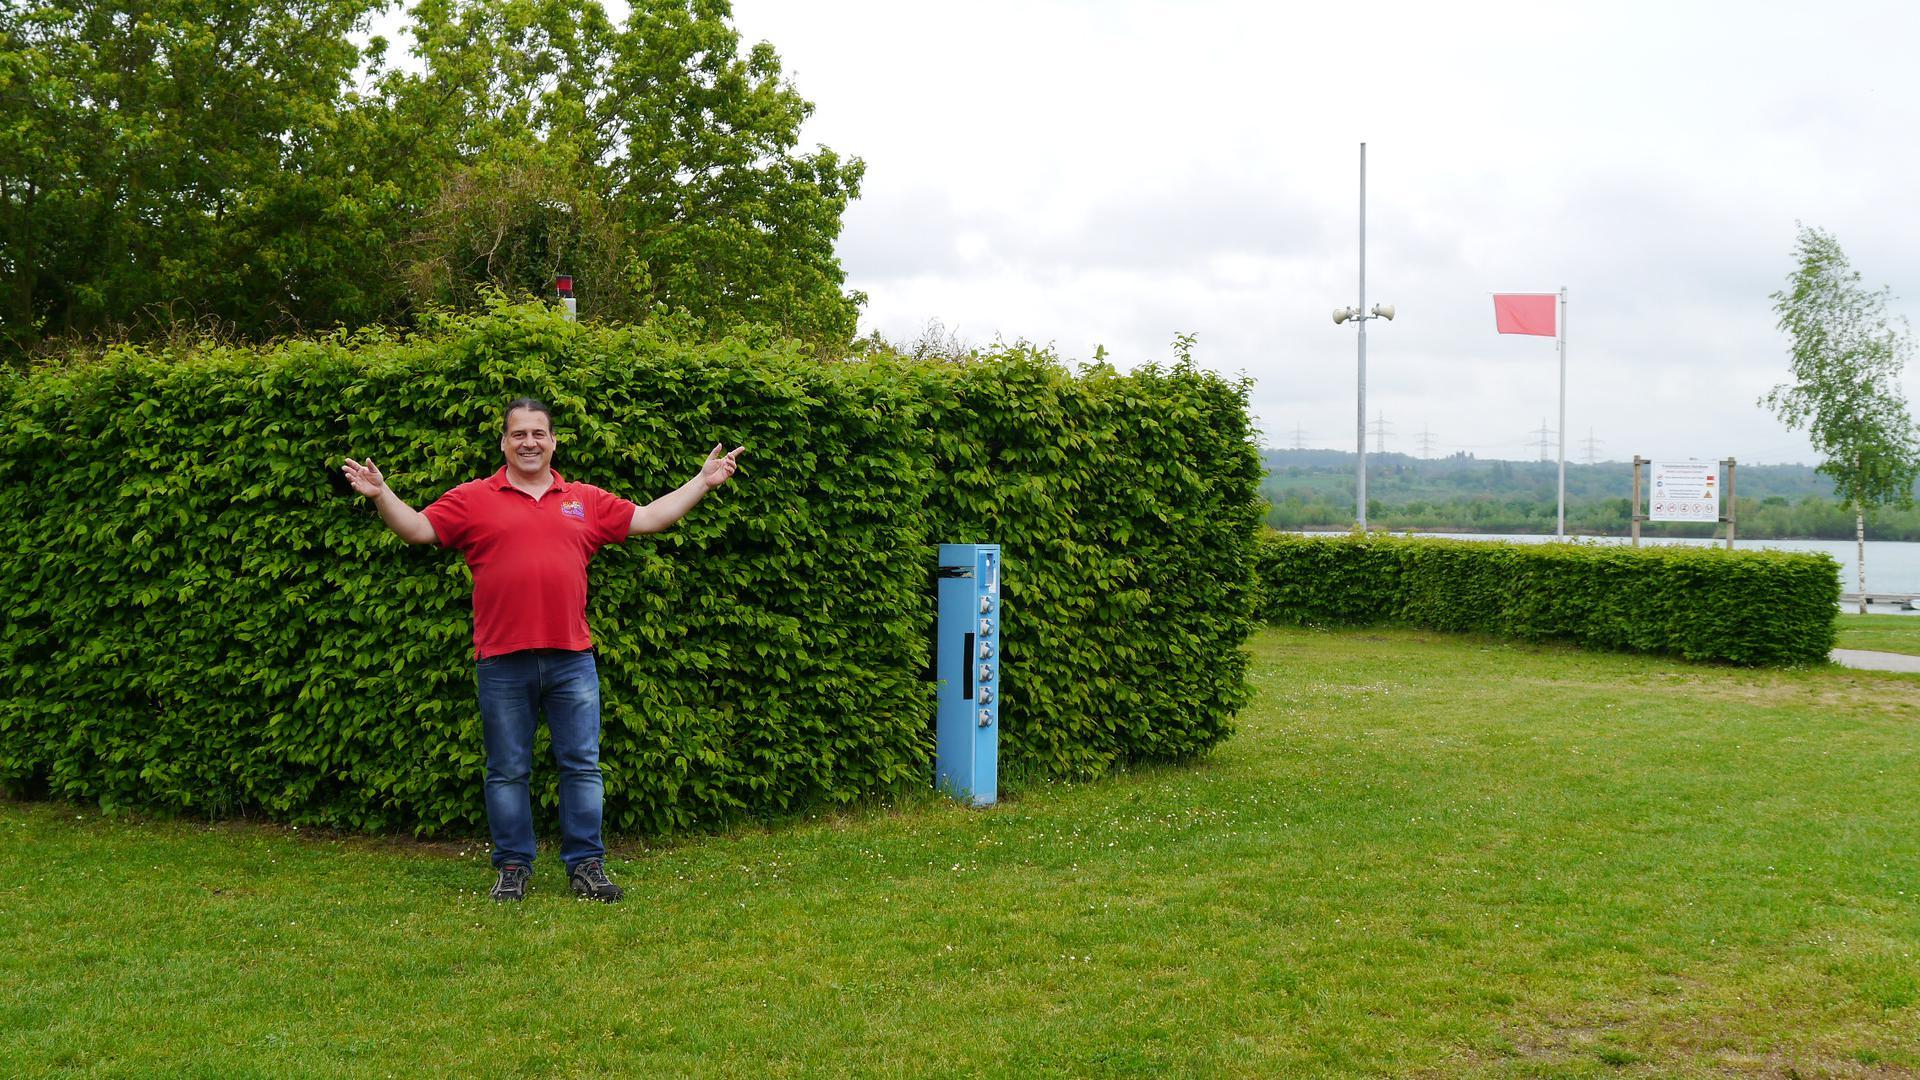 Christopher Bader zeigt seine Anlage. Schön grün, aber noch leer.